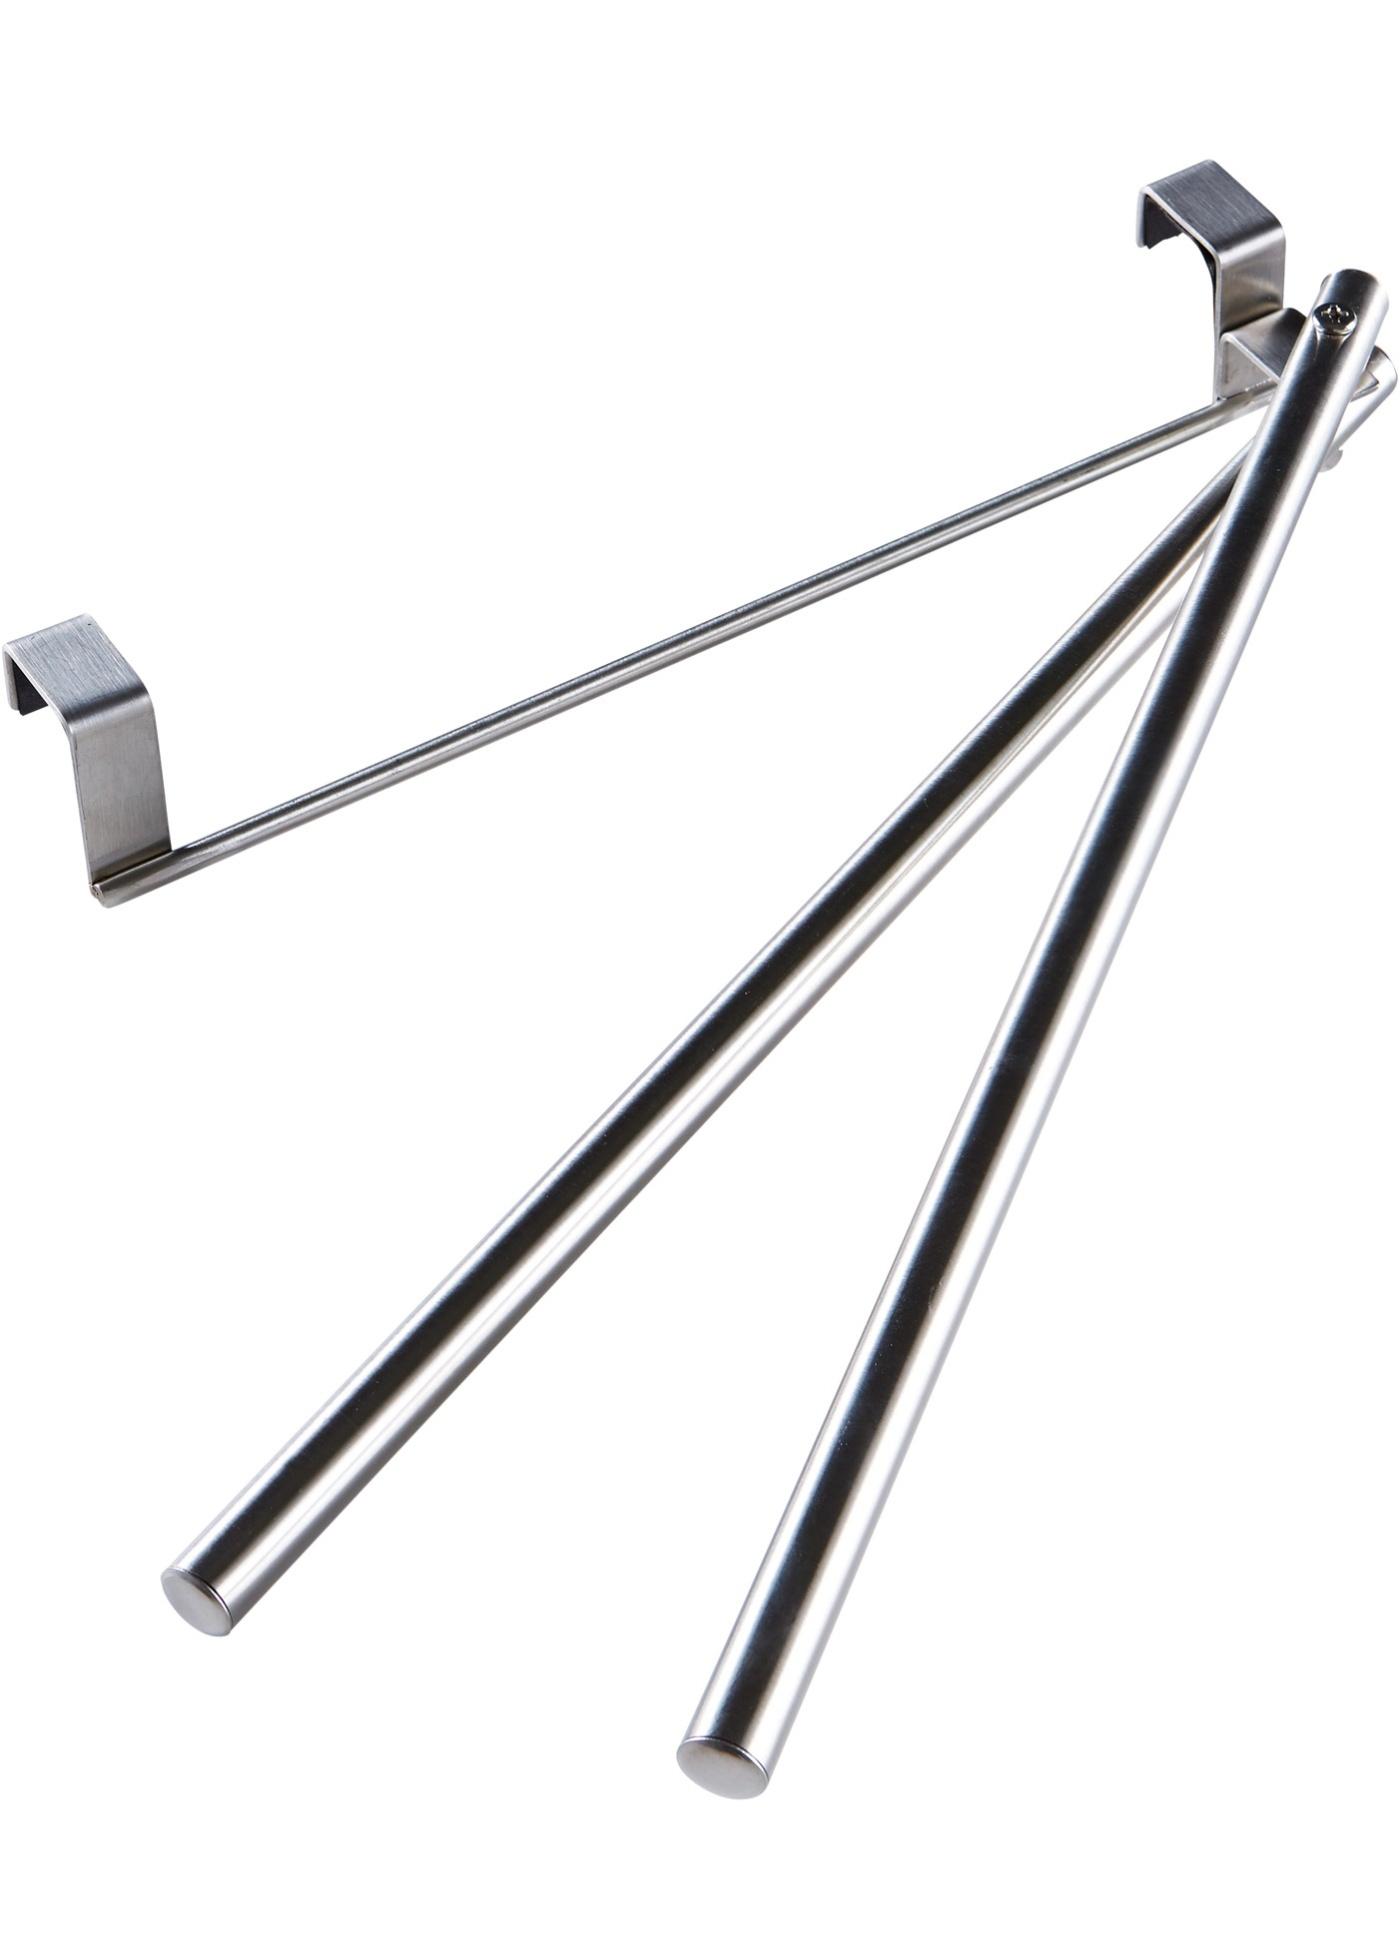 Závěsný držák na ručníky s pohyblivou tyčí - Stříbrná